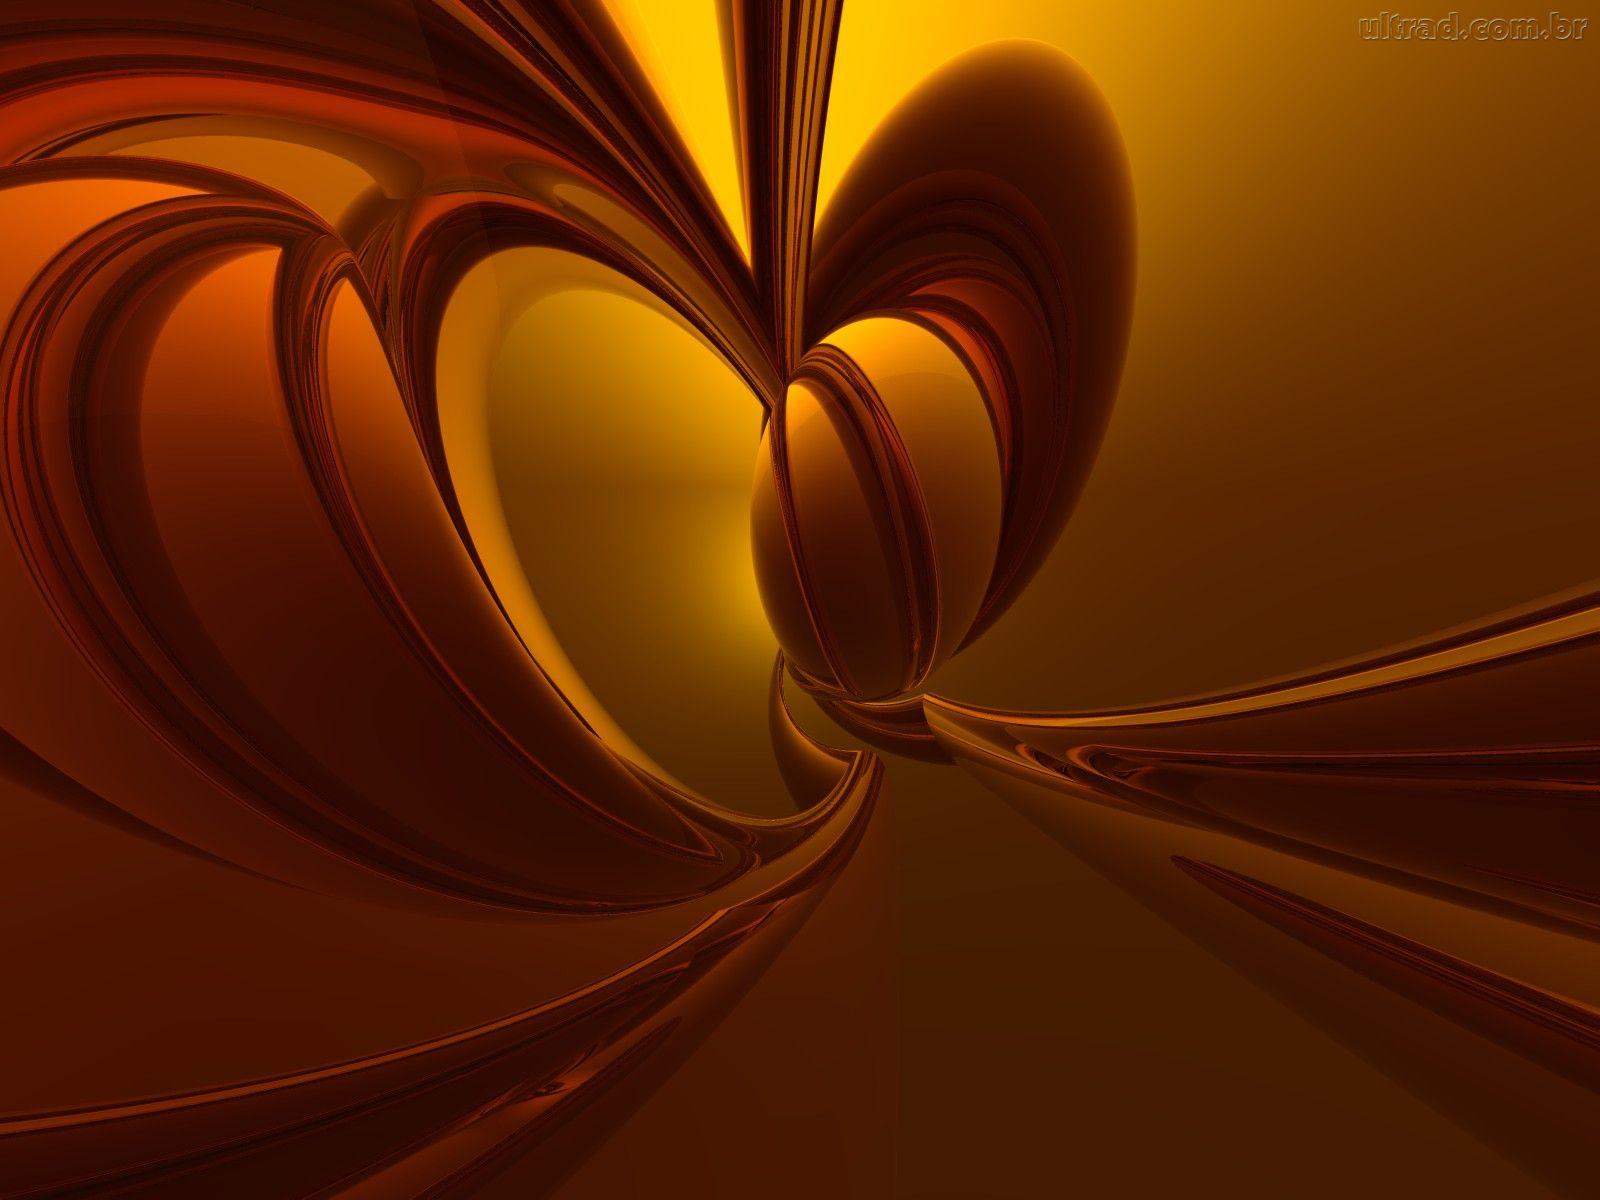 Imagensnet papel de parede dourado for Papel de pared dorado